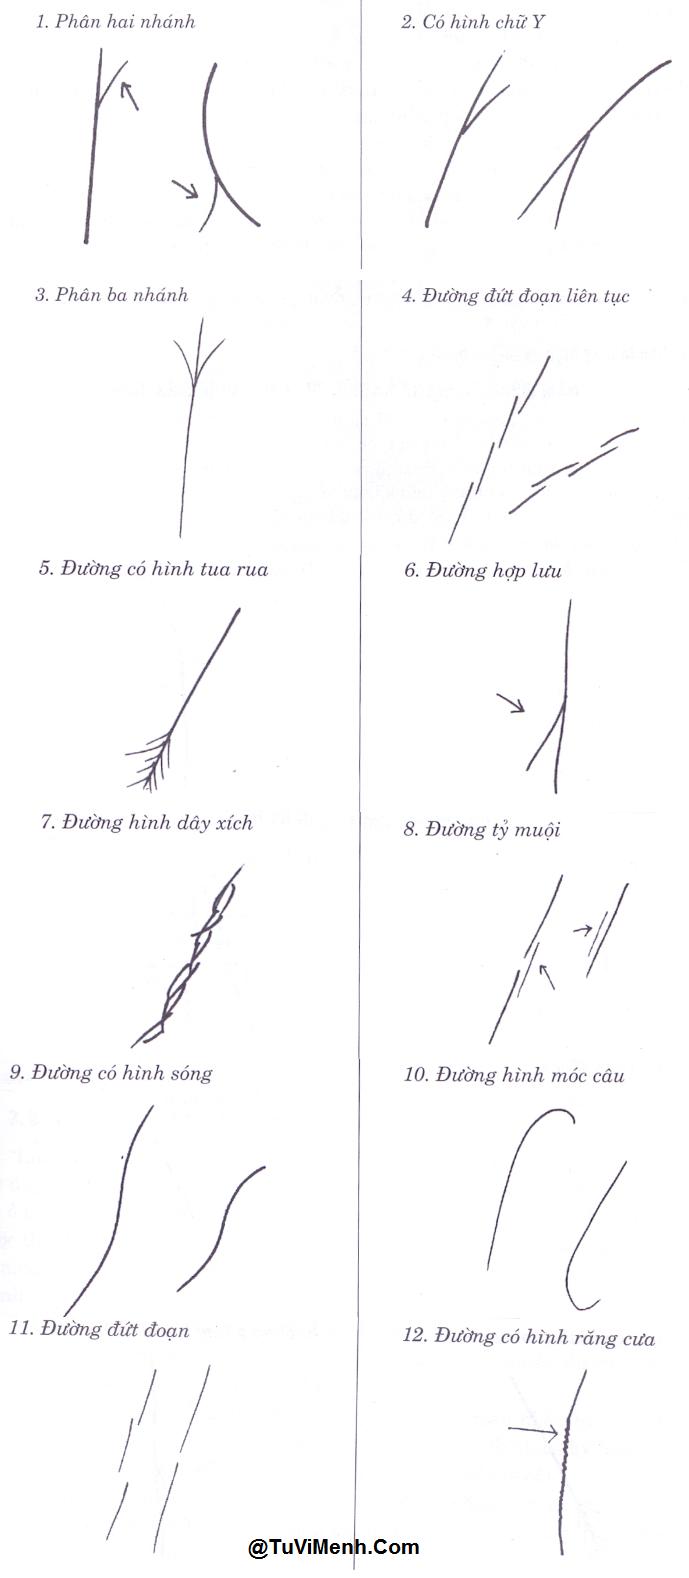 [Tướng Tay] - Các đường phân nhánh của chỉ tay